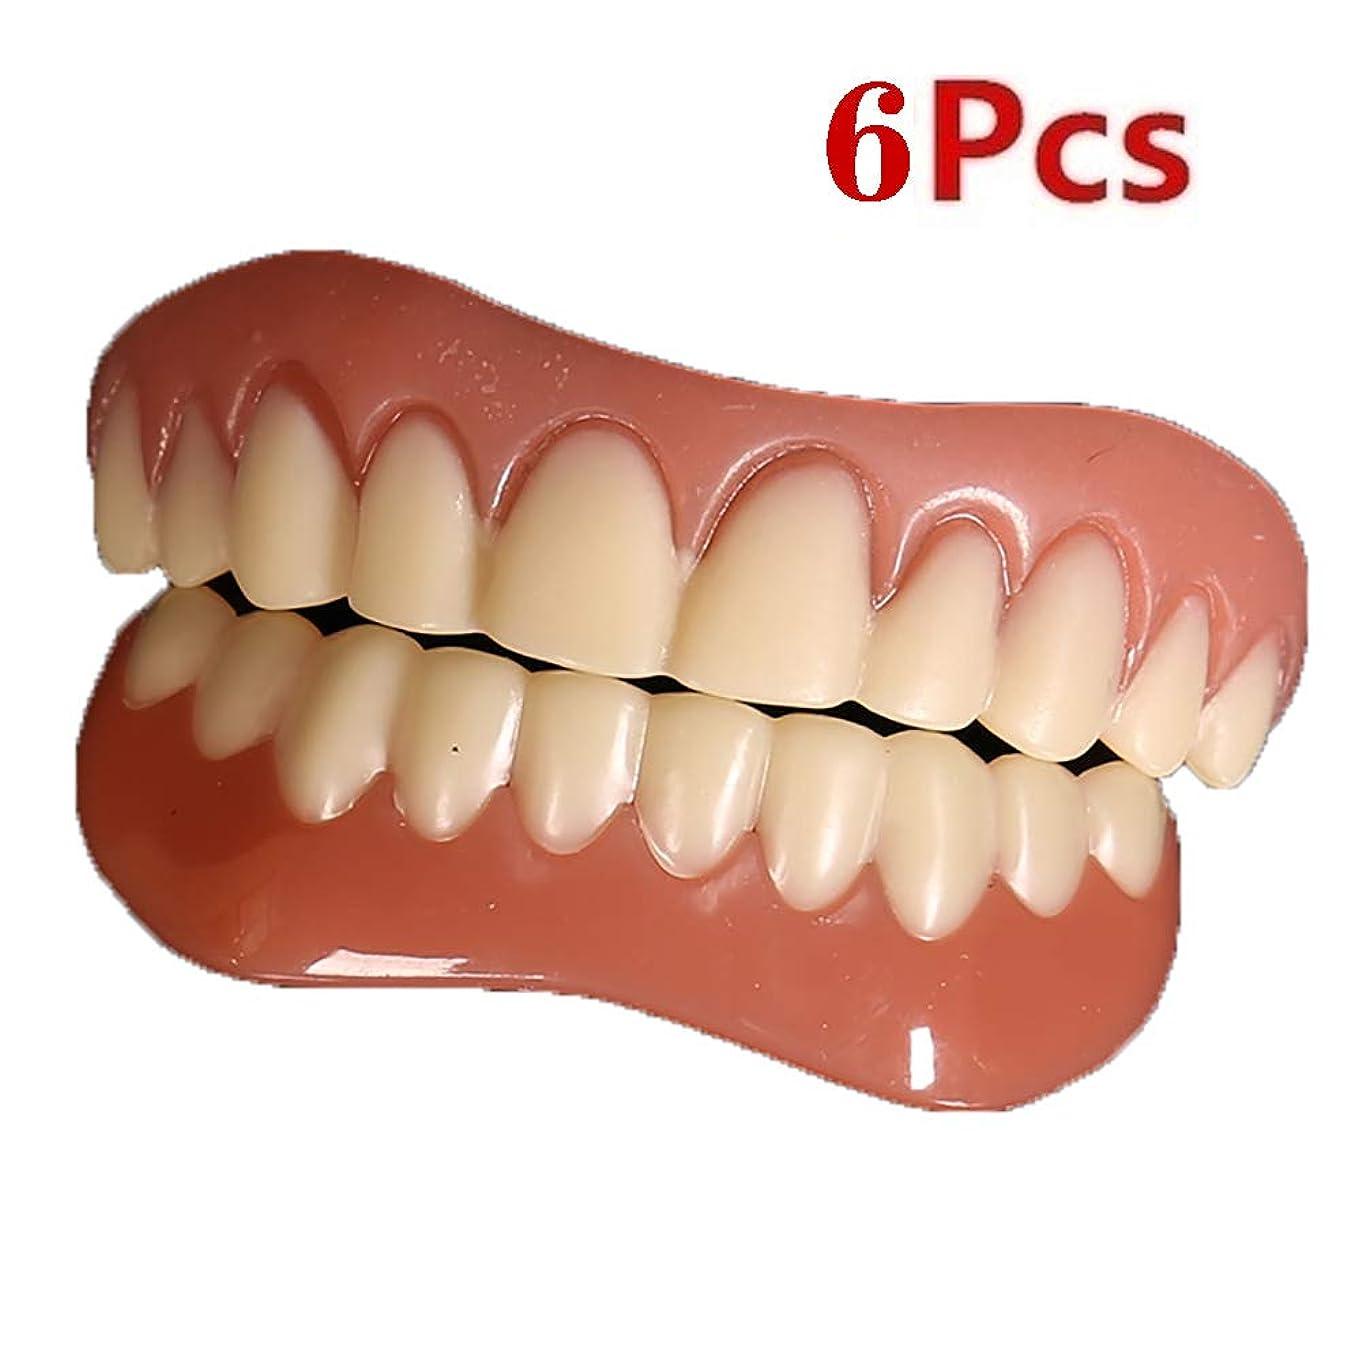 即席孤児話をする即時の微笑の歯の上部のより低いベニヤの慰めの適合の歯のベニヤ、歯科ベニヤの慰めの適合の歯の上の化粧品のベニヤワンサイズはすべての義歯の接着剤の歯に入れます